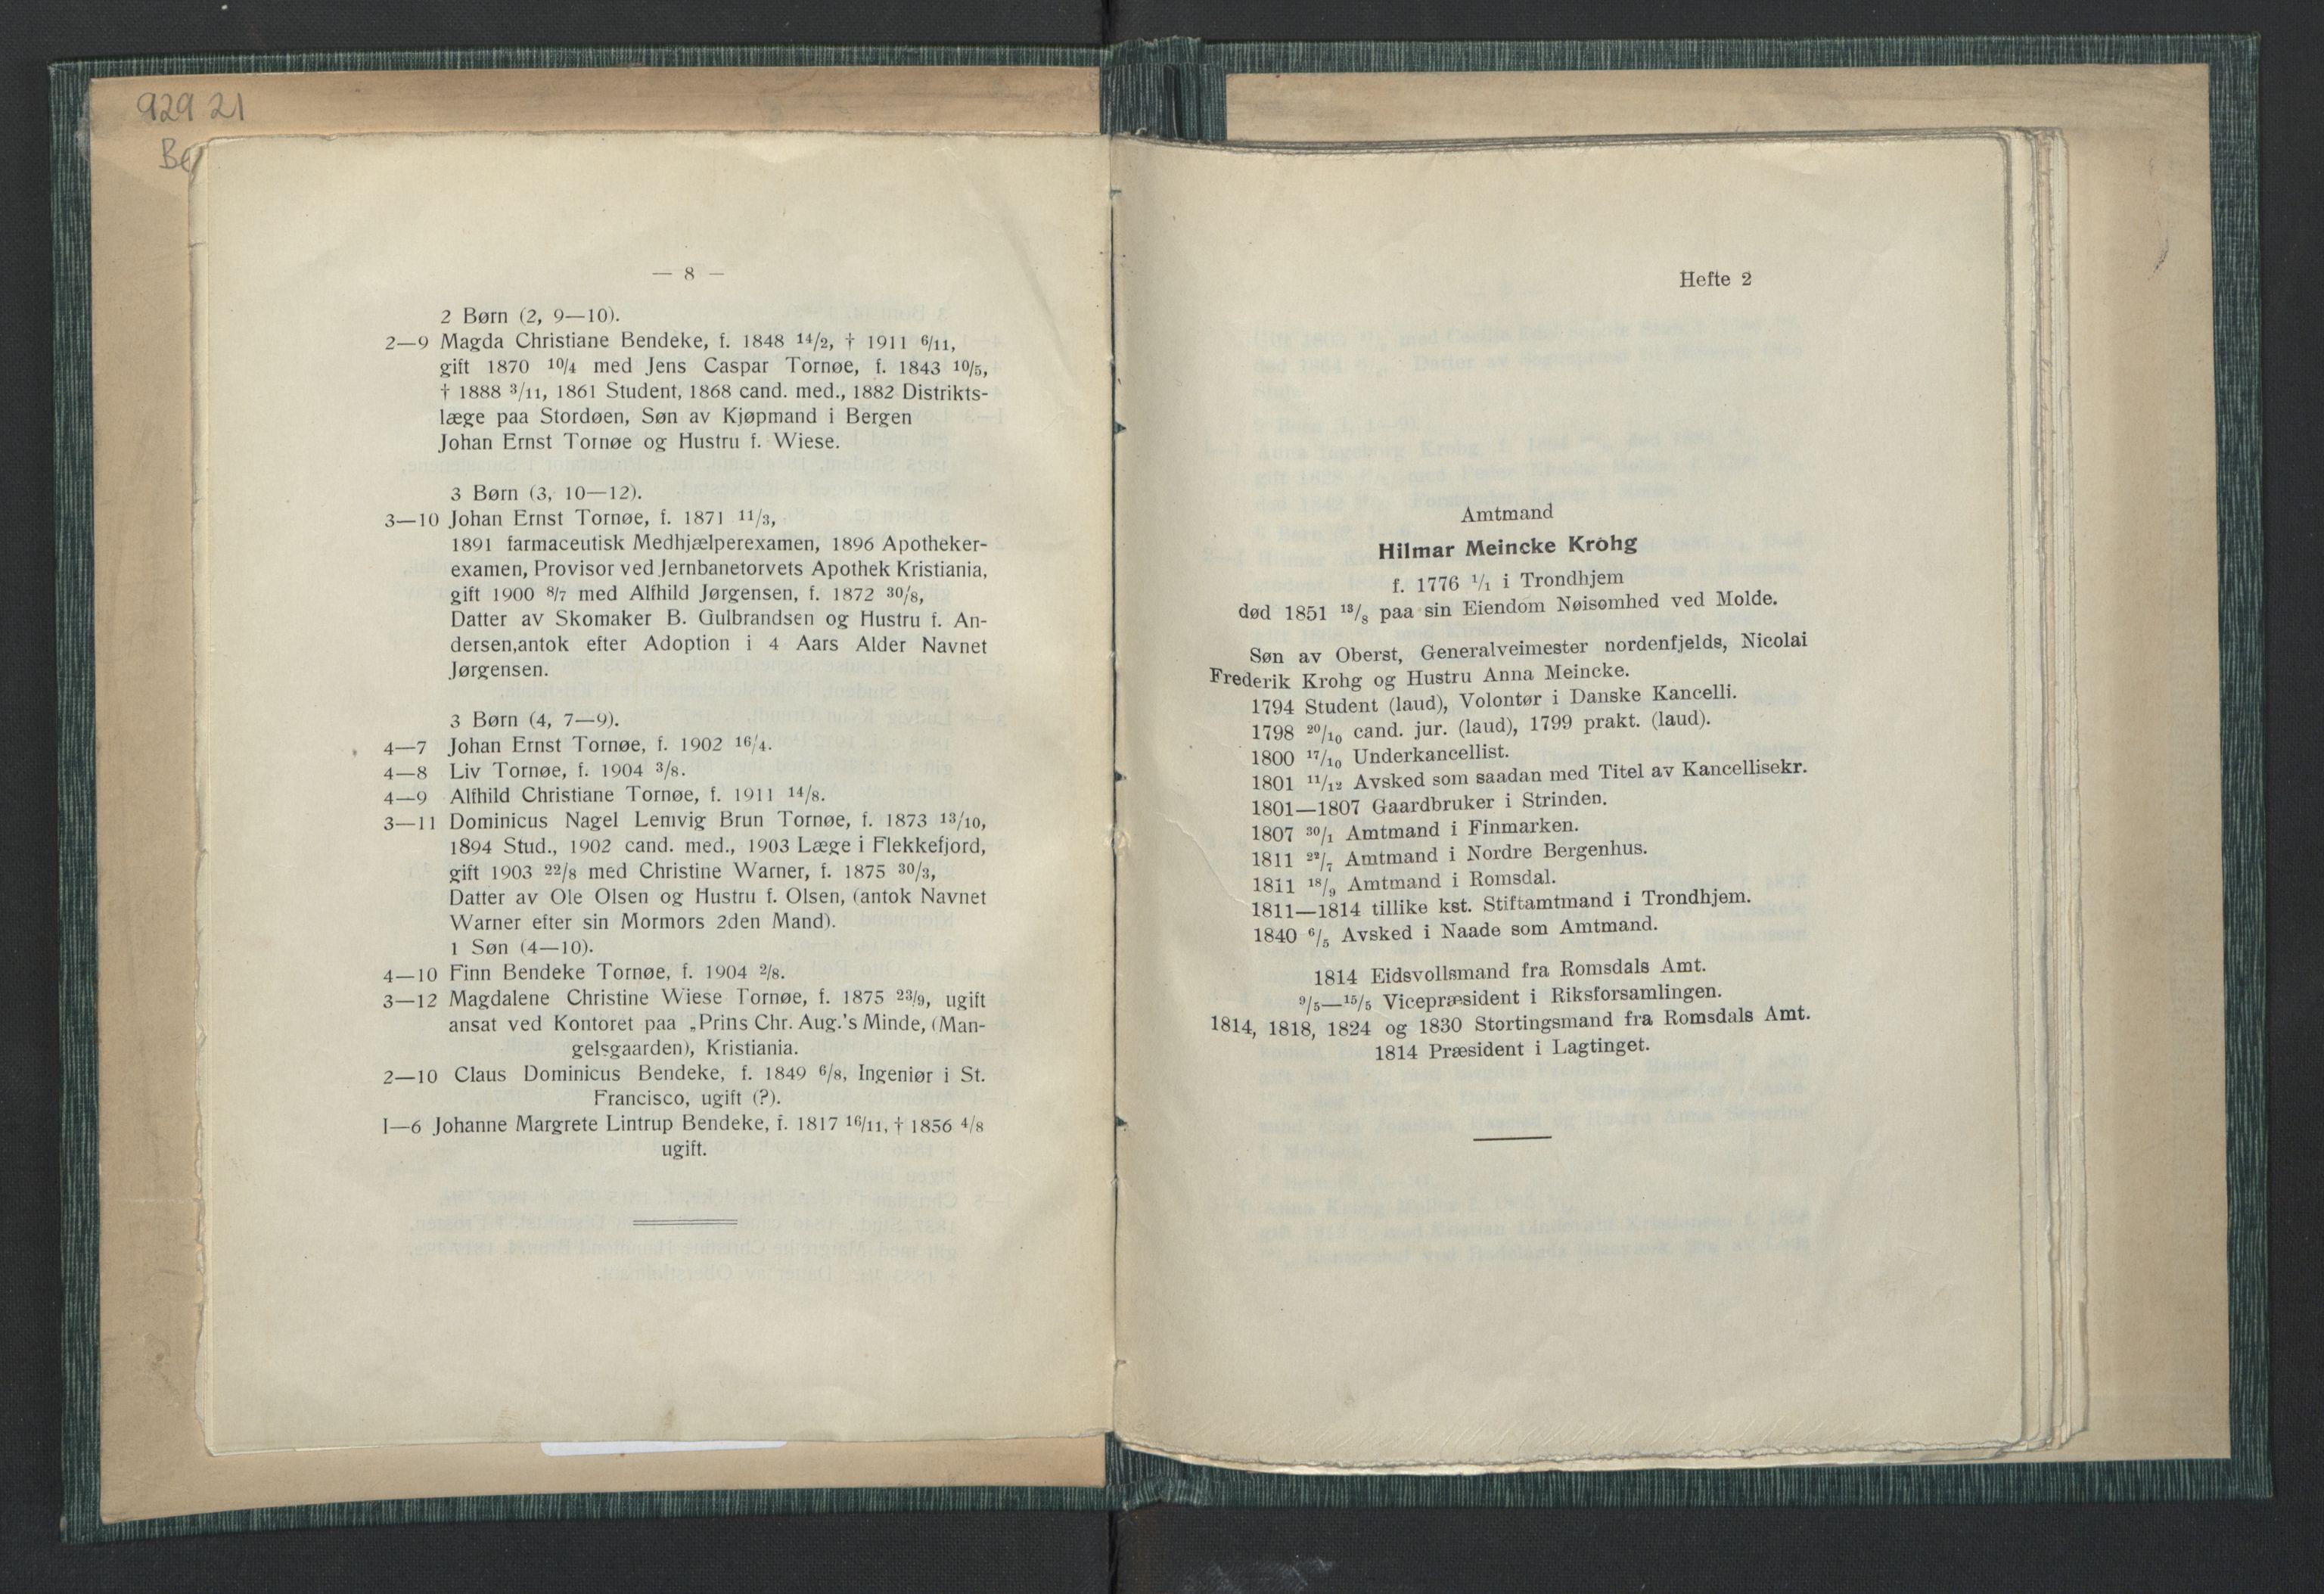 RA, Publikasjoner*, 1914, s. 6